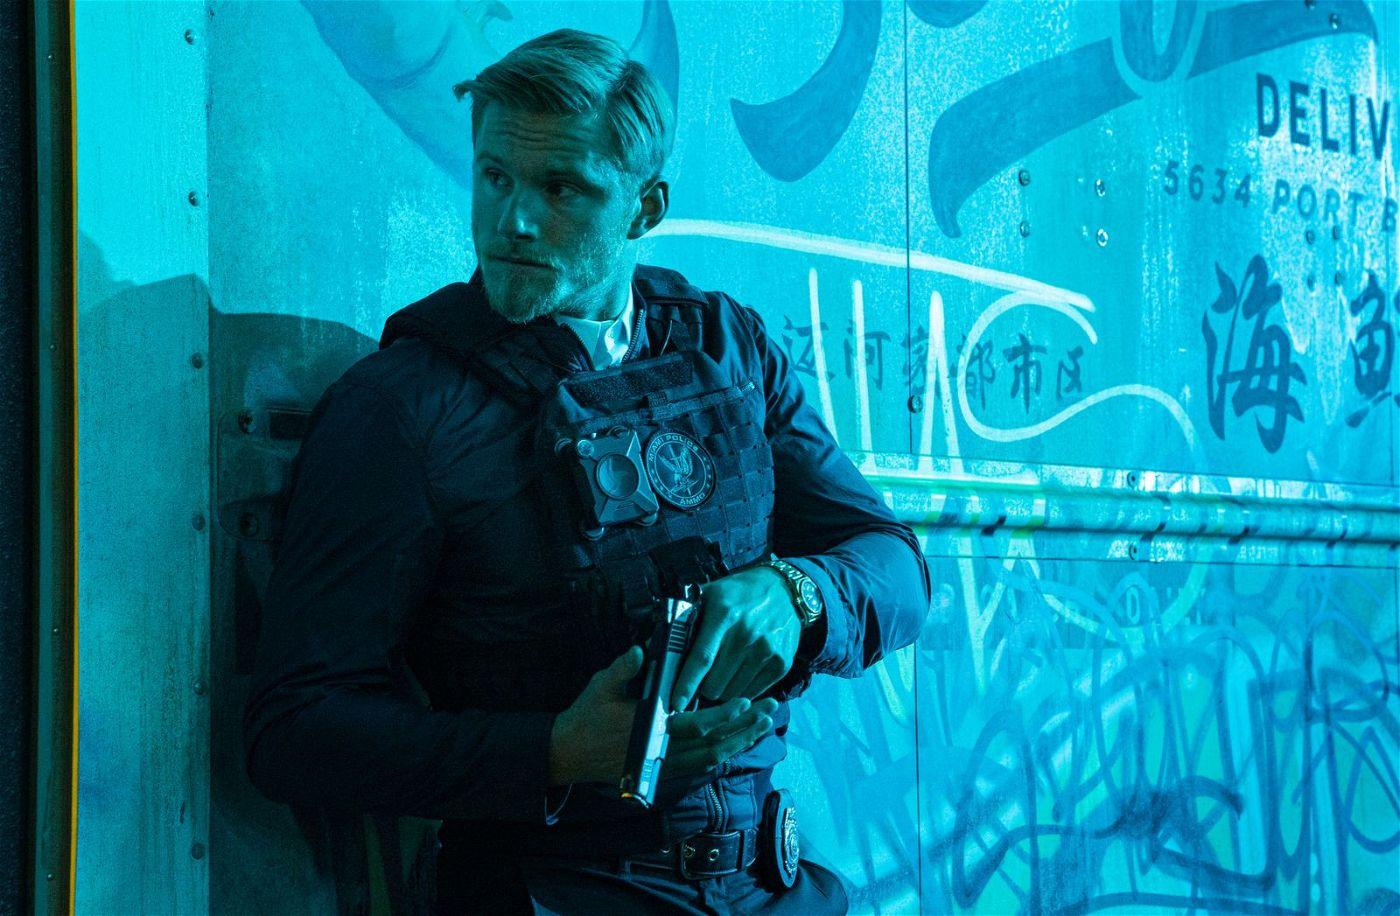 Polizist Dorn (Alexander Ludwig) ist ein Technik-Freak, der aber auch mal ganz konventionell ermittelt.